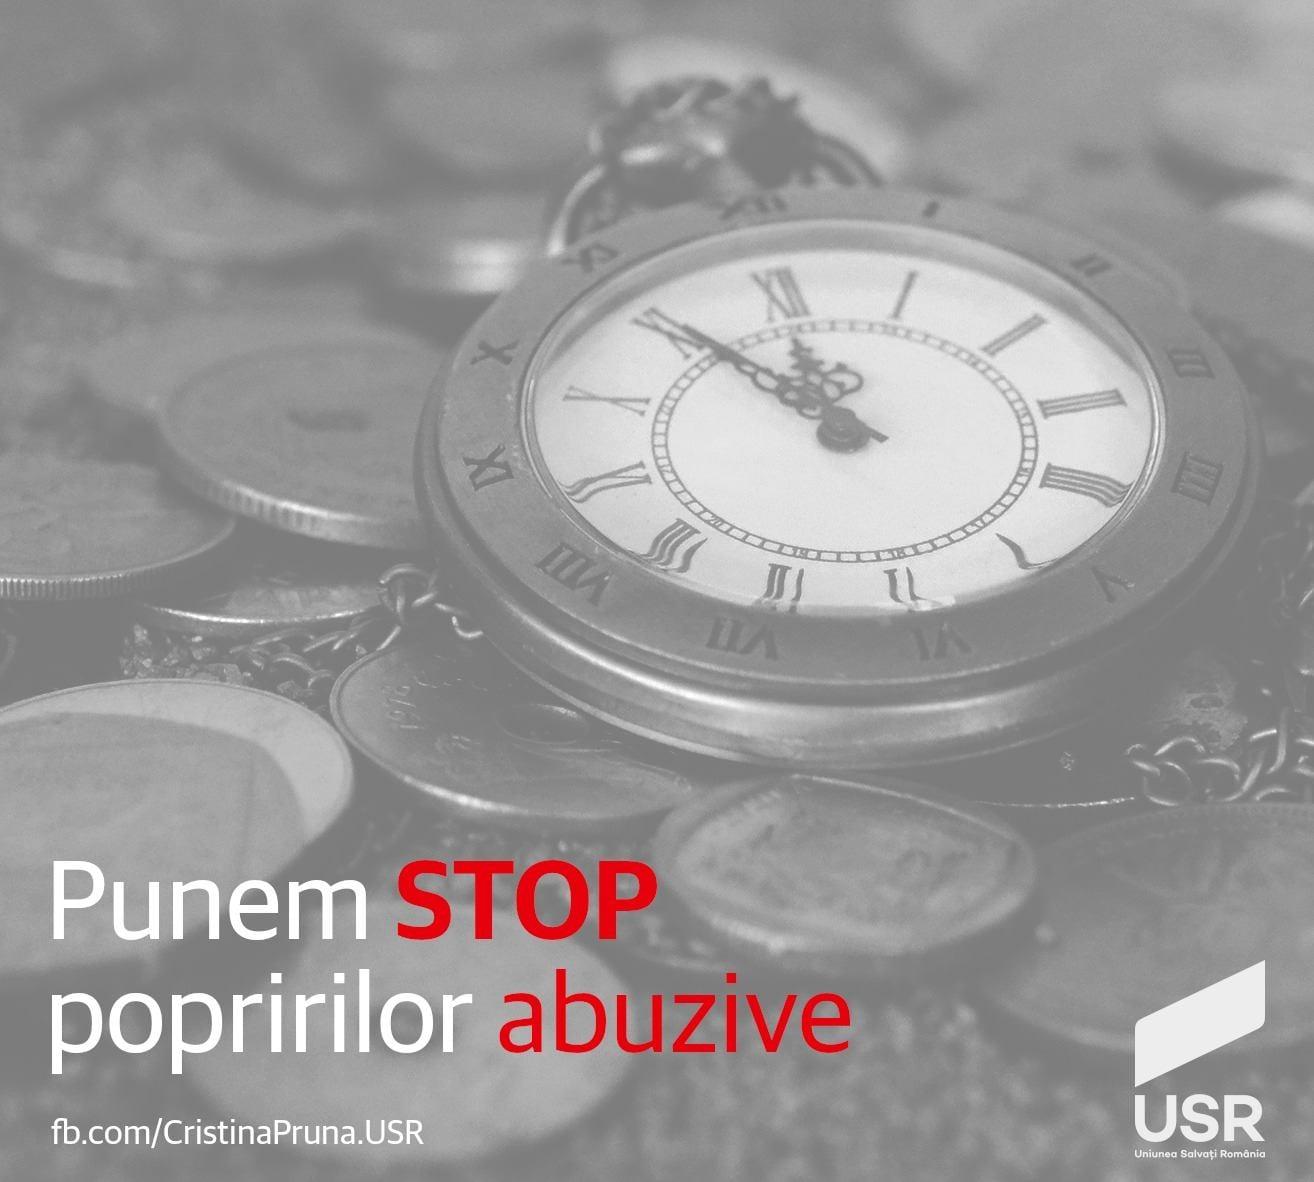 Punem STOP popririlor abuzive